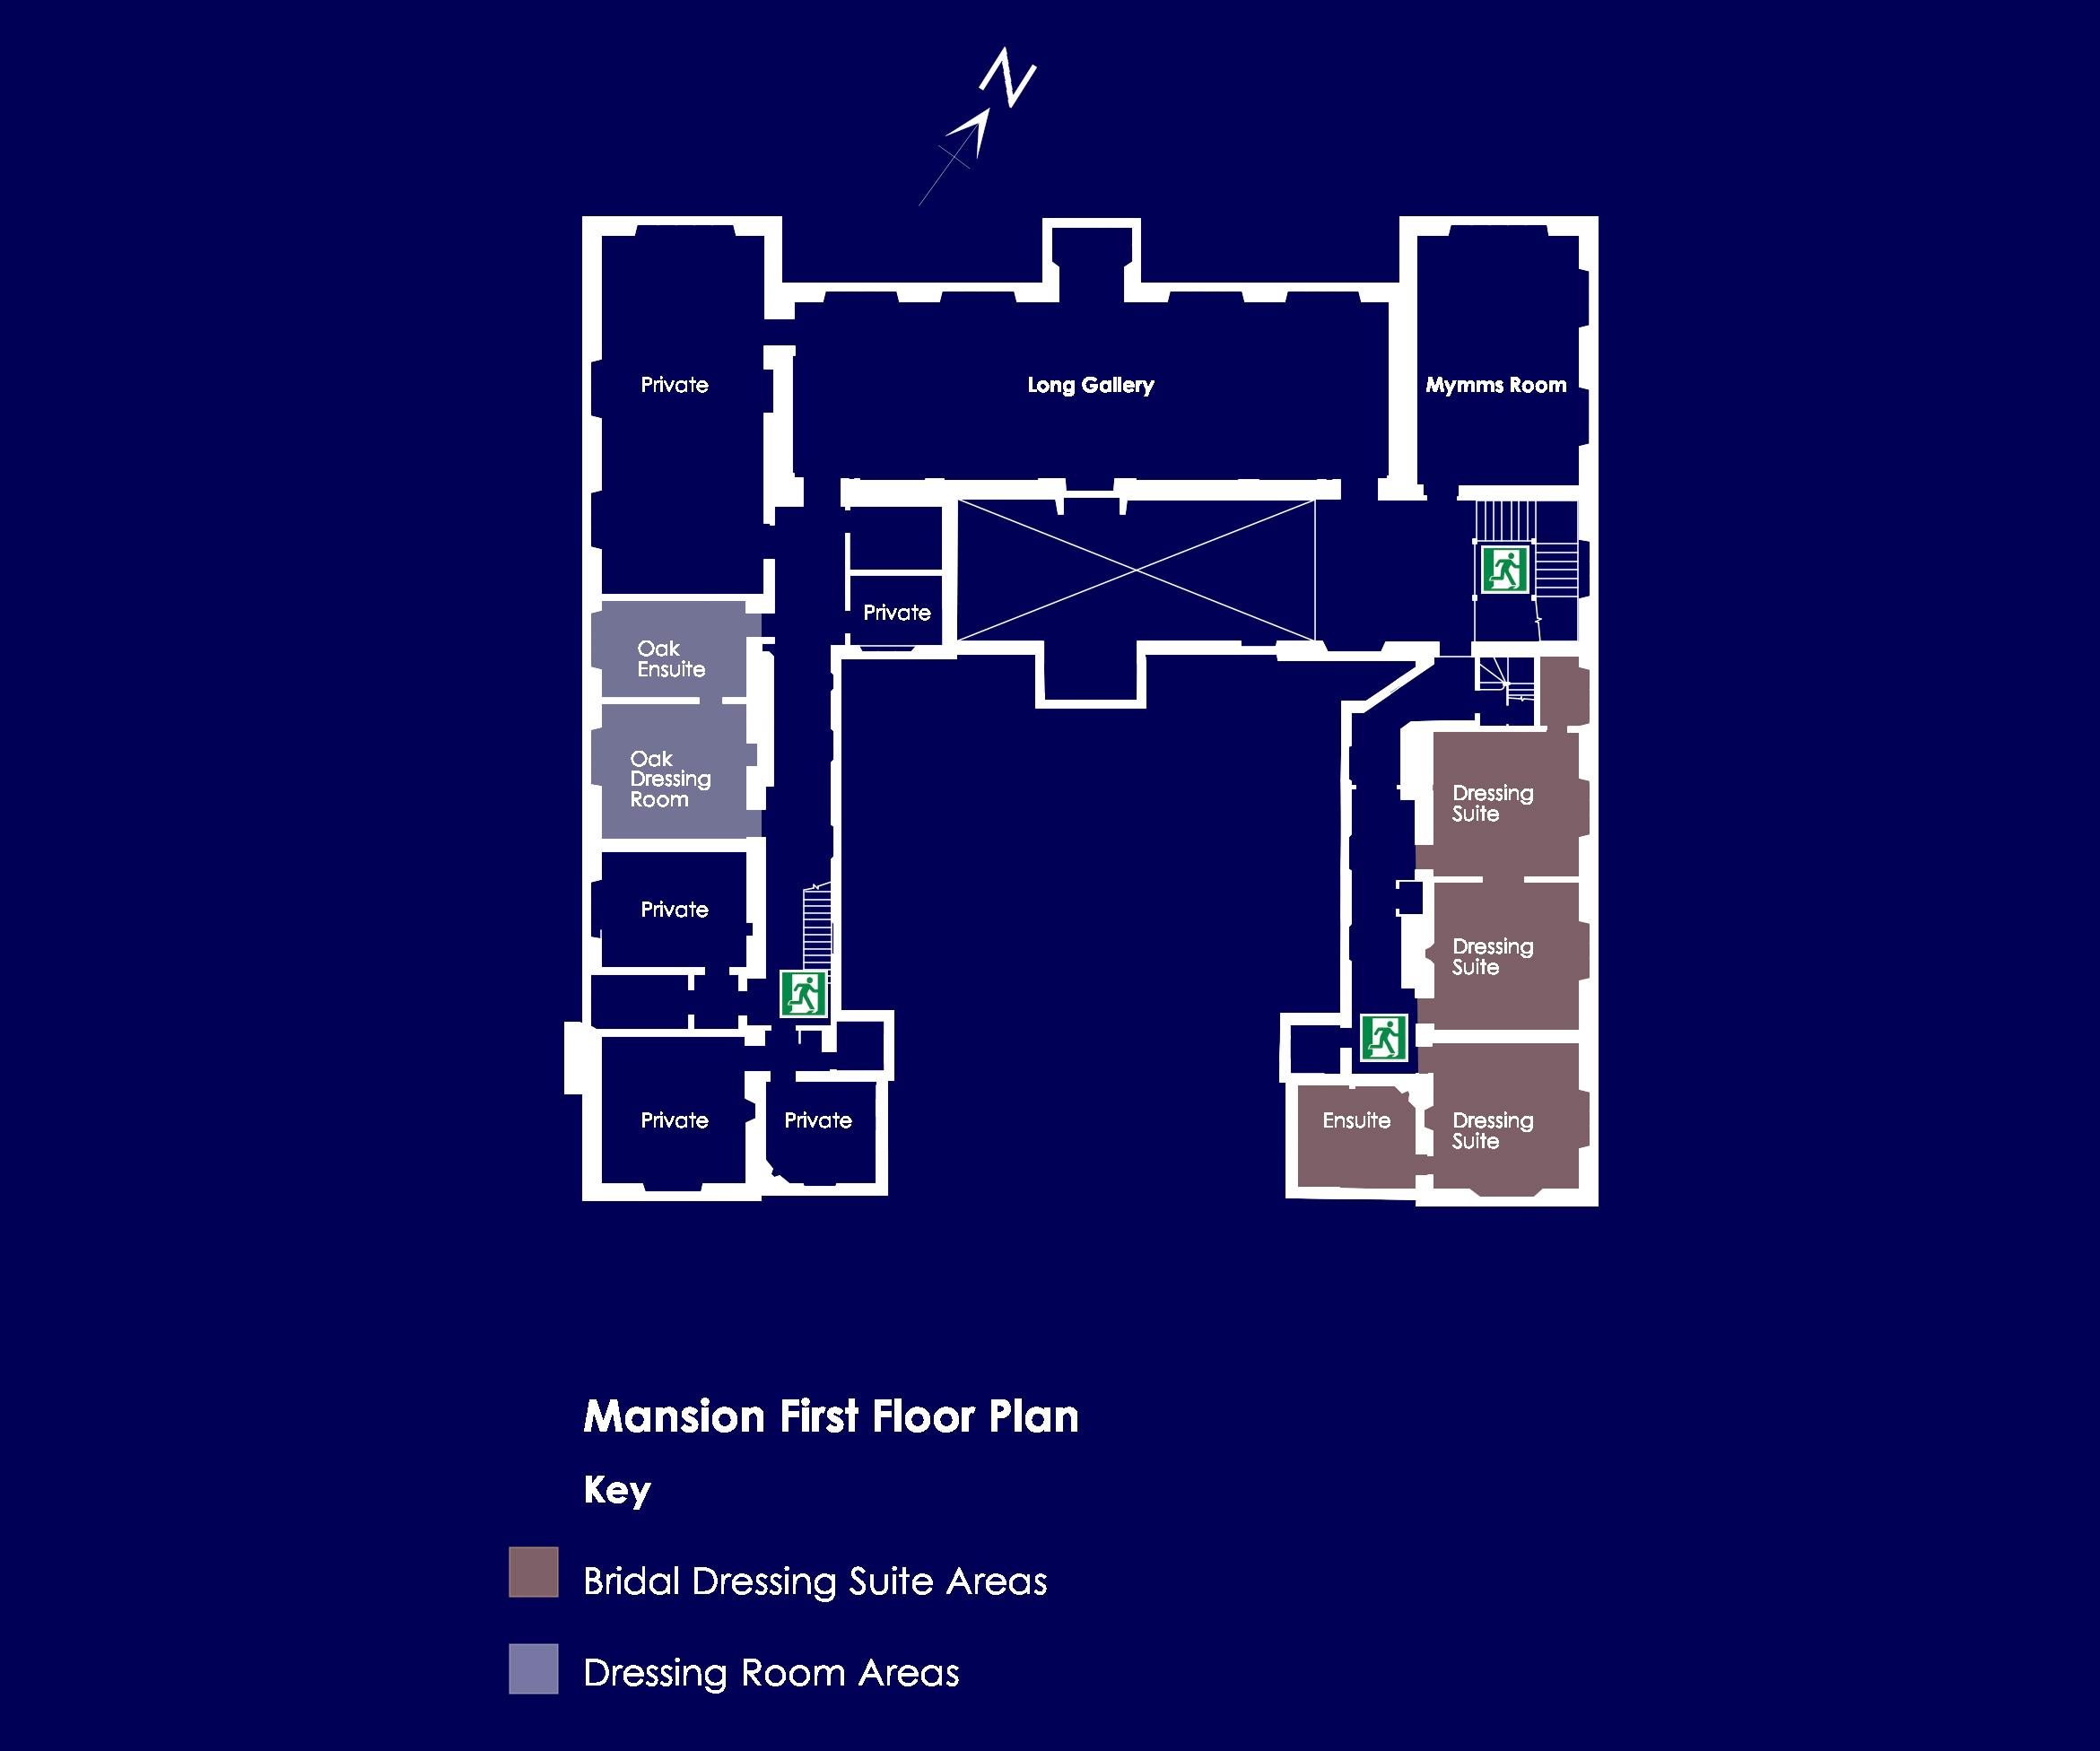 Mansion First Floor Plan